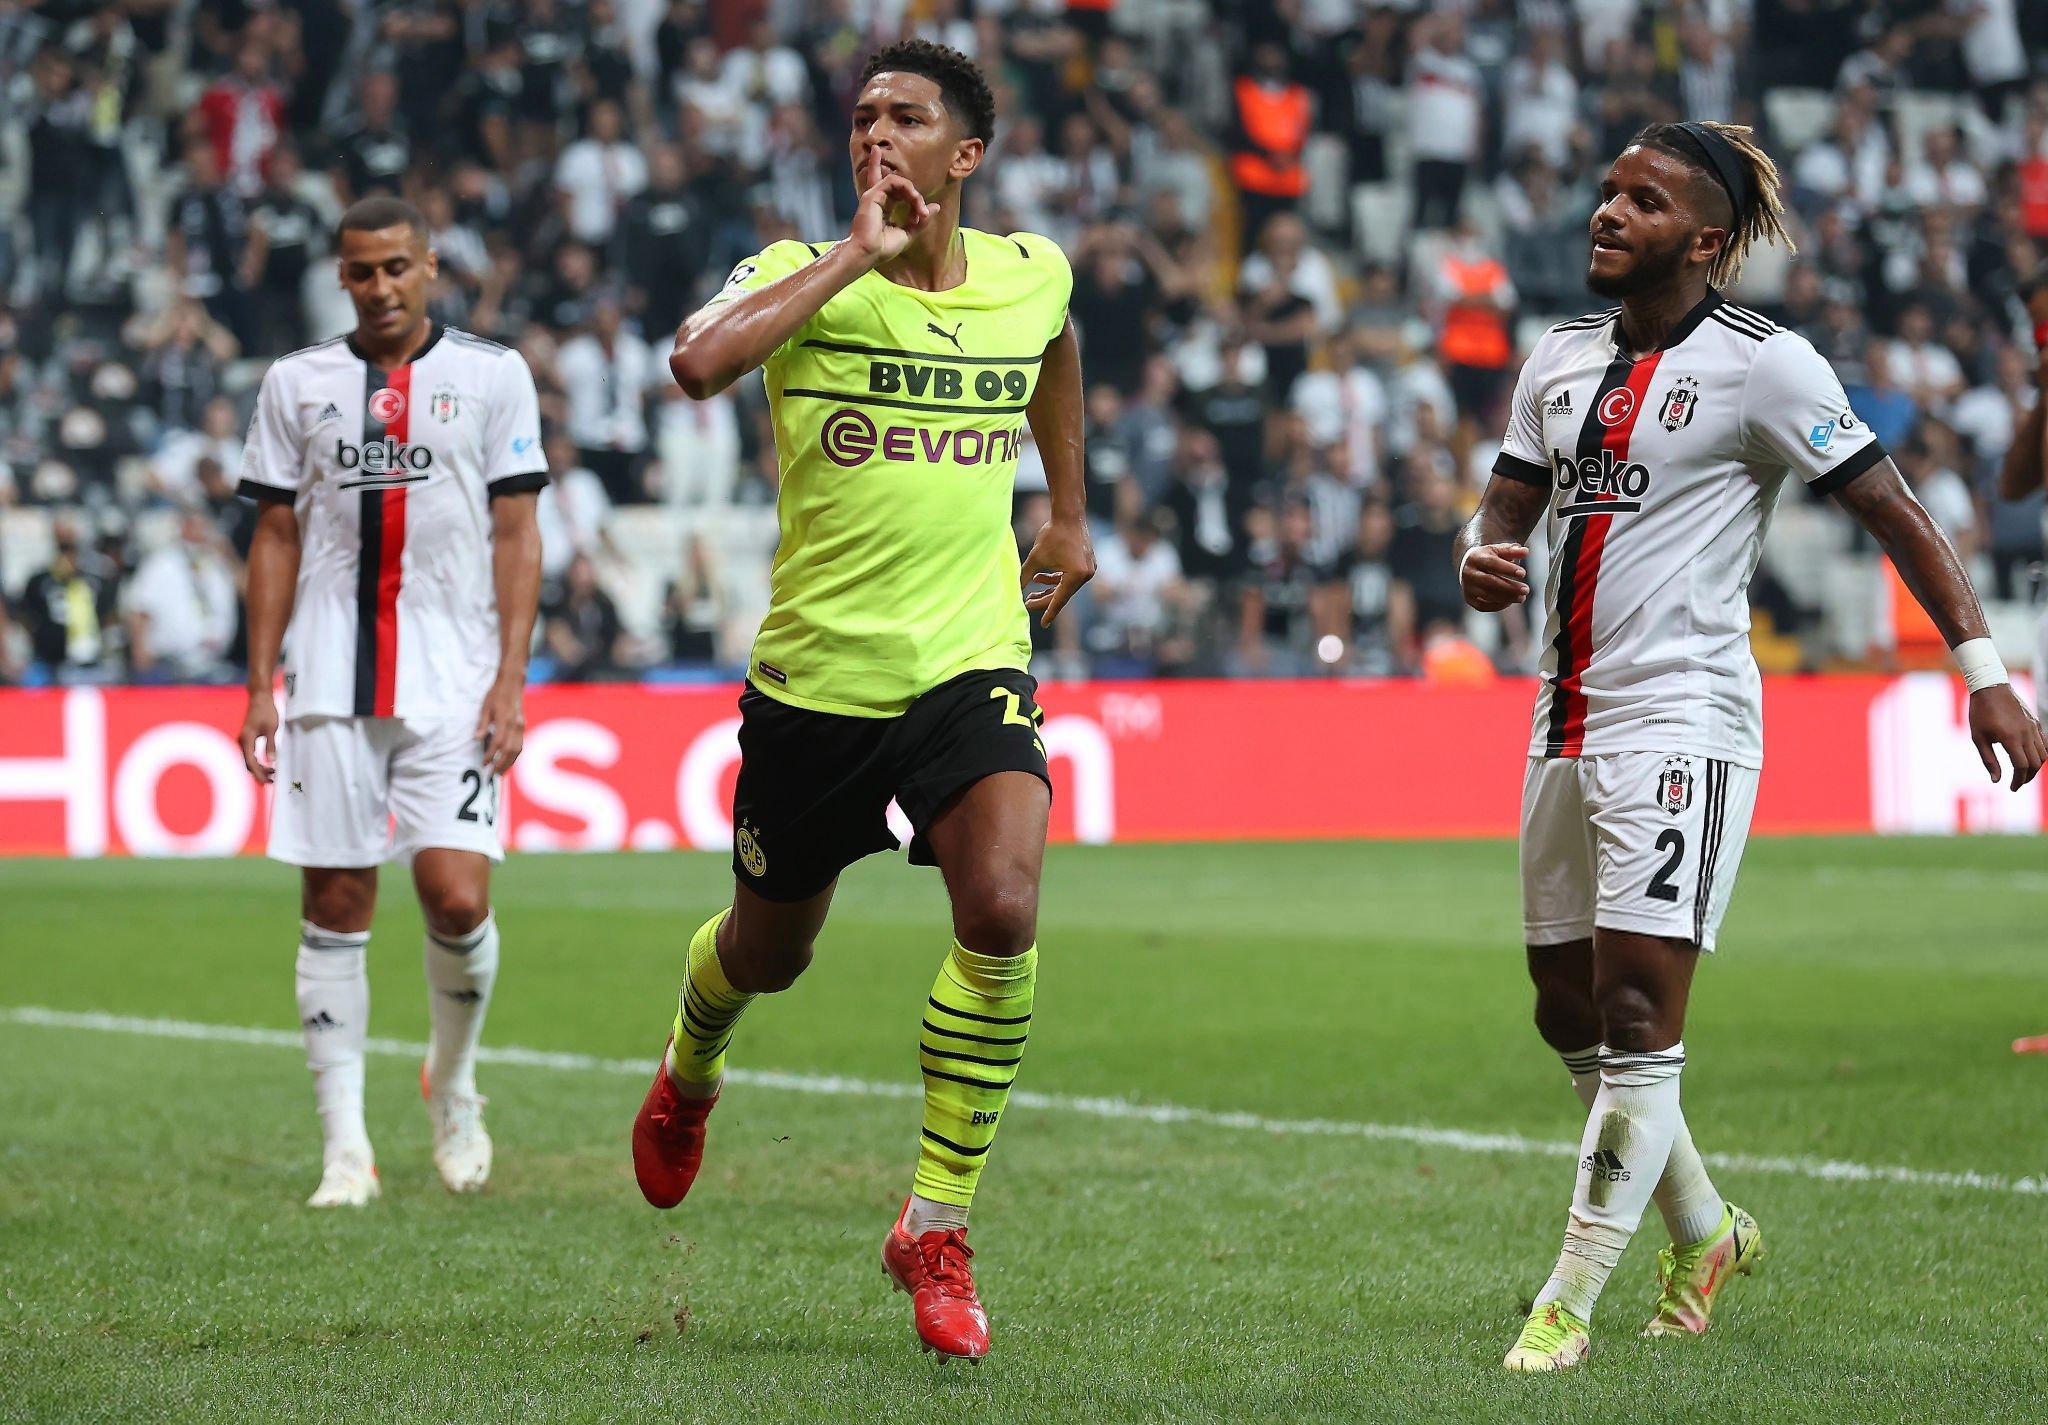 Dortmund mở tỷ số trận đấu với bàn thắng của Bellingham trong hiệp 1